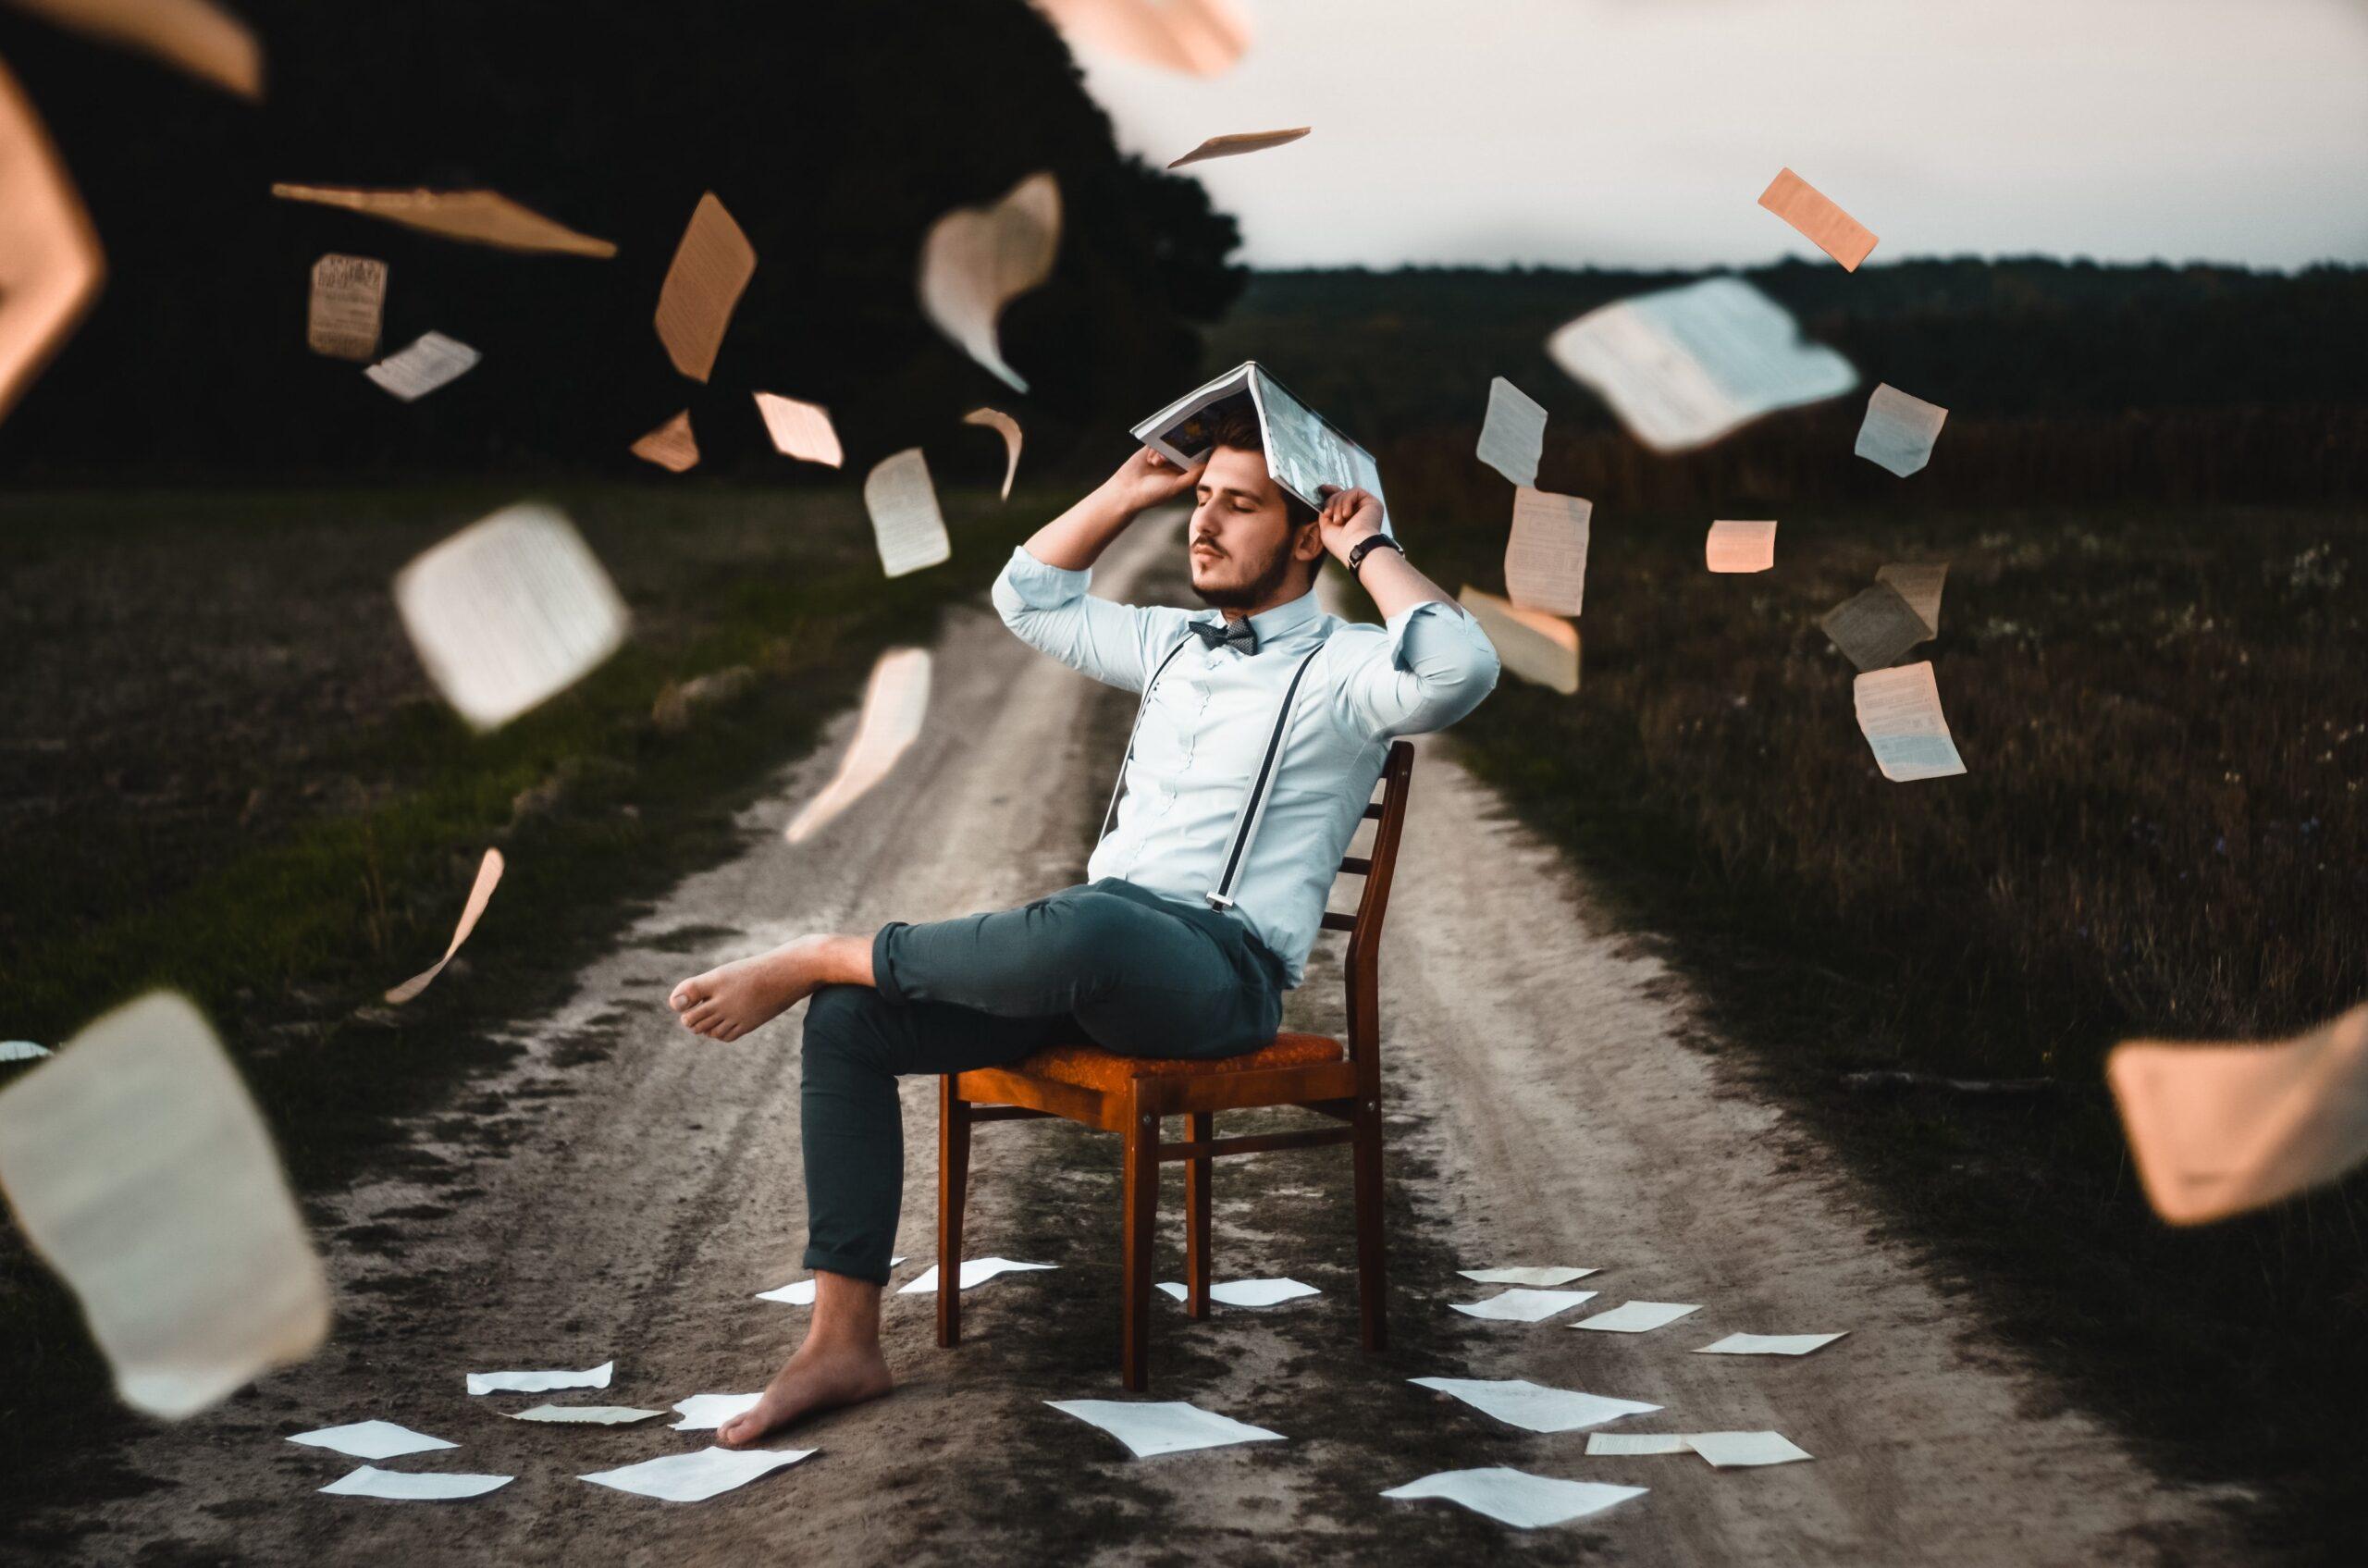 Il costo della vita | Perché i prestiti universitari possono aiutare tanti studenti italiani